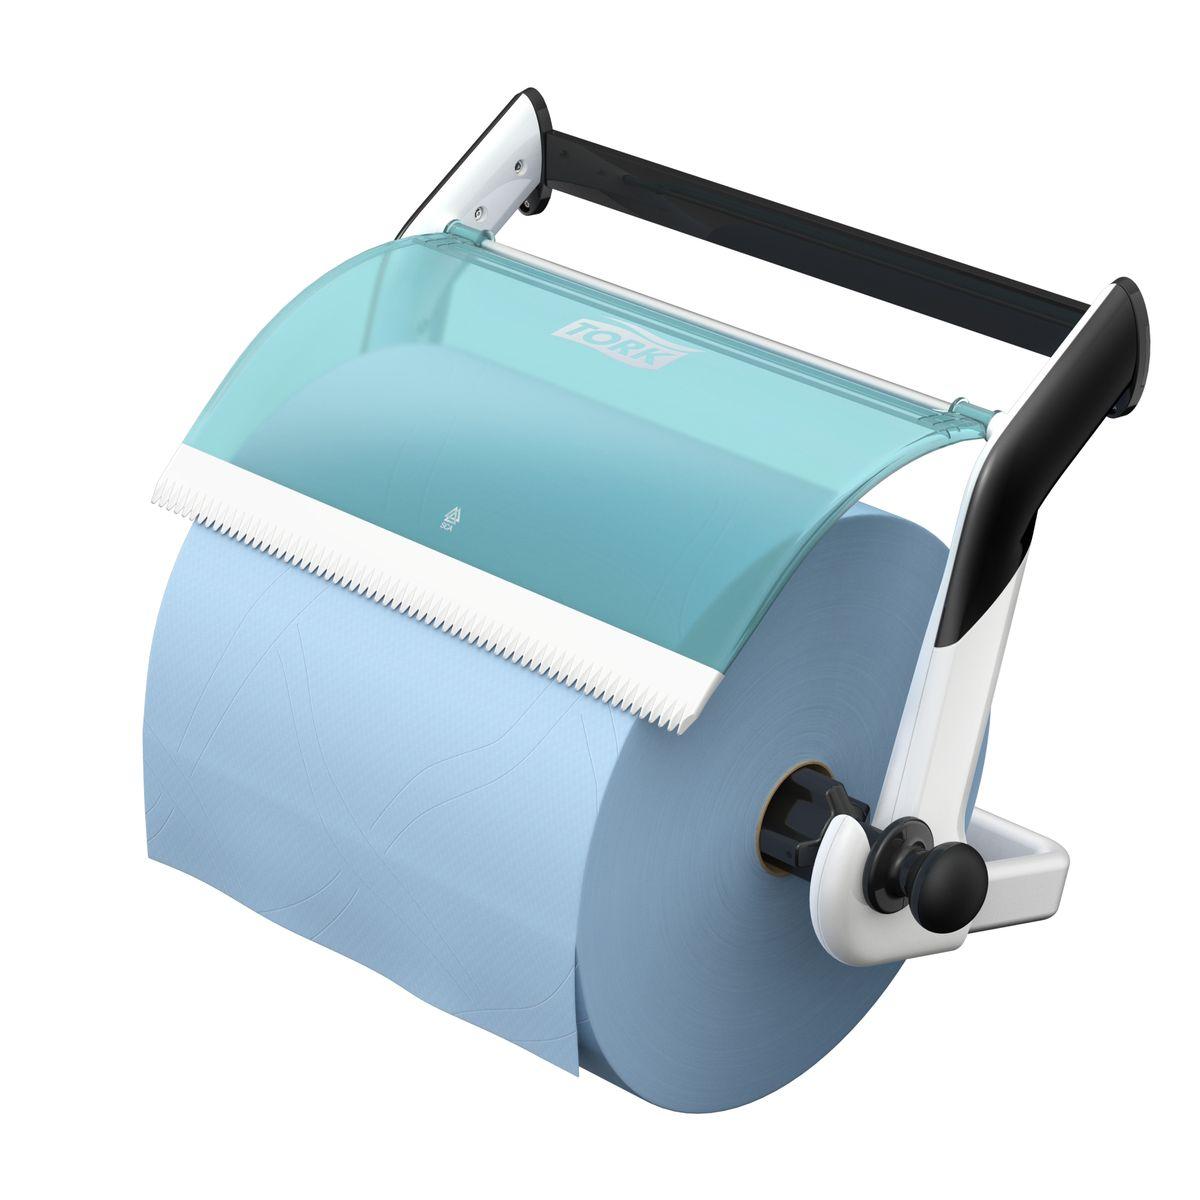 Диспенсер для туалетной бумаги Tork, цвет: белый . 65210010503Держатель для протирочных материалов Tork.Настенный держатель обладает прочной конструкцией и позволит сэкономить место.Быстро и легко менять расходный материал.